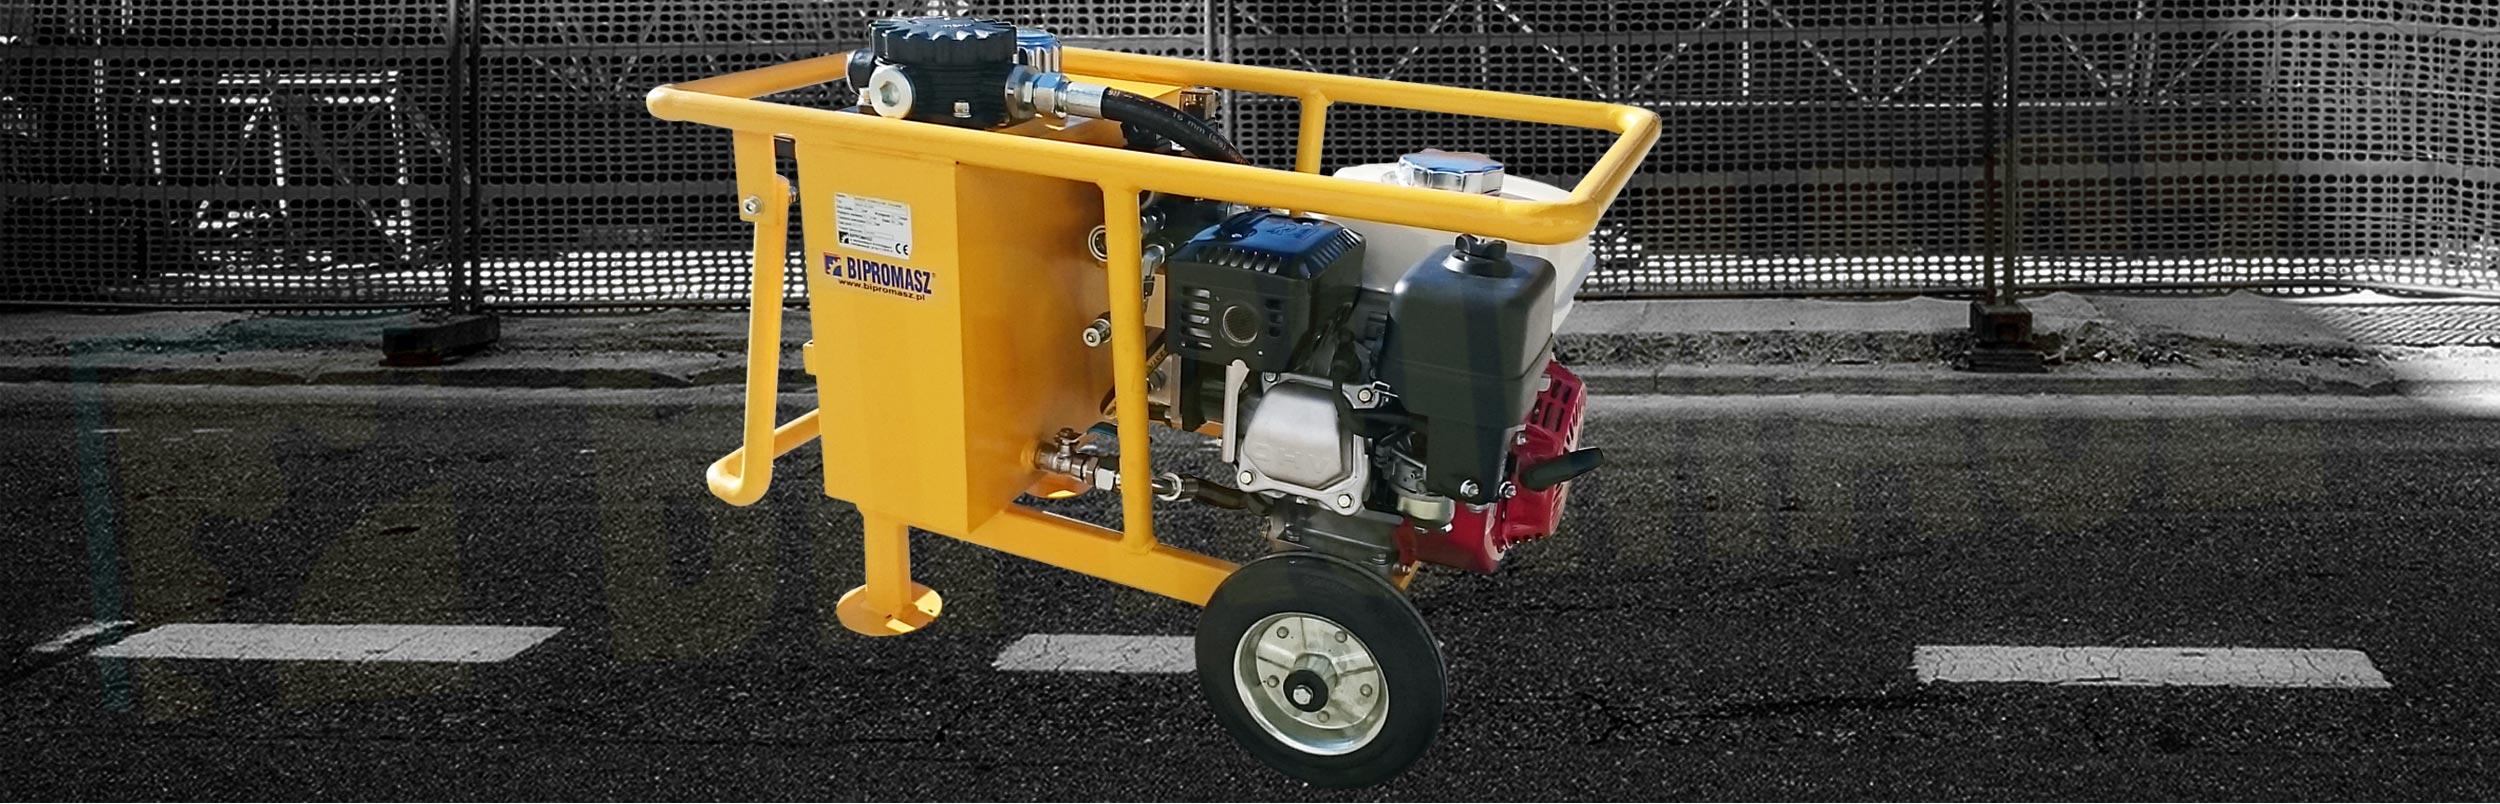 Hydrauliczny Agregat Spalinowy HAS-4 produkcji firmy Bipromasz